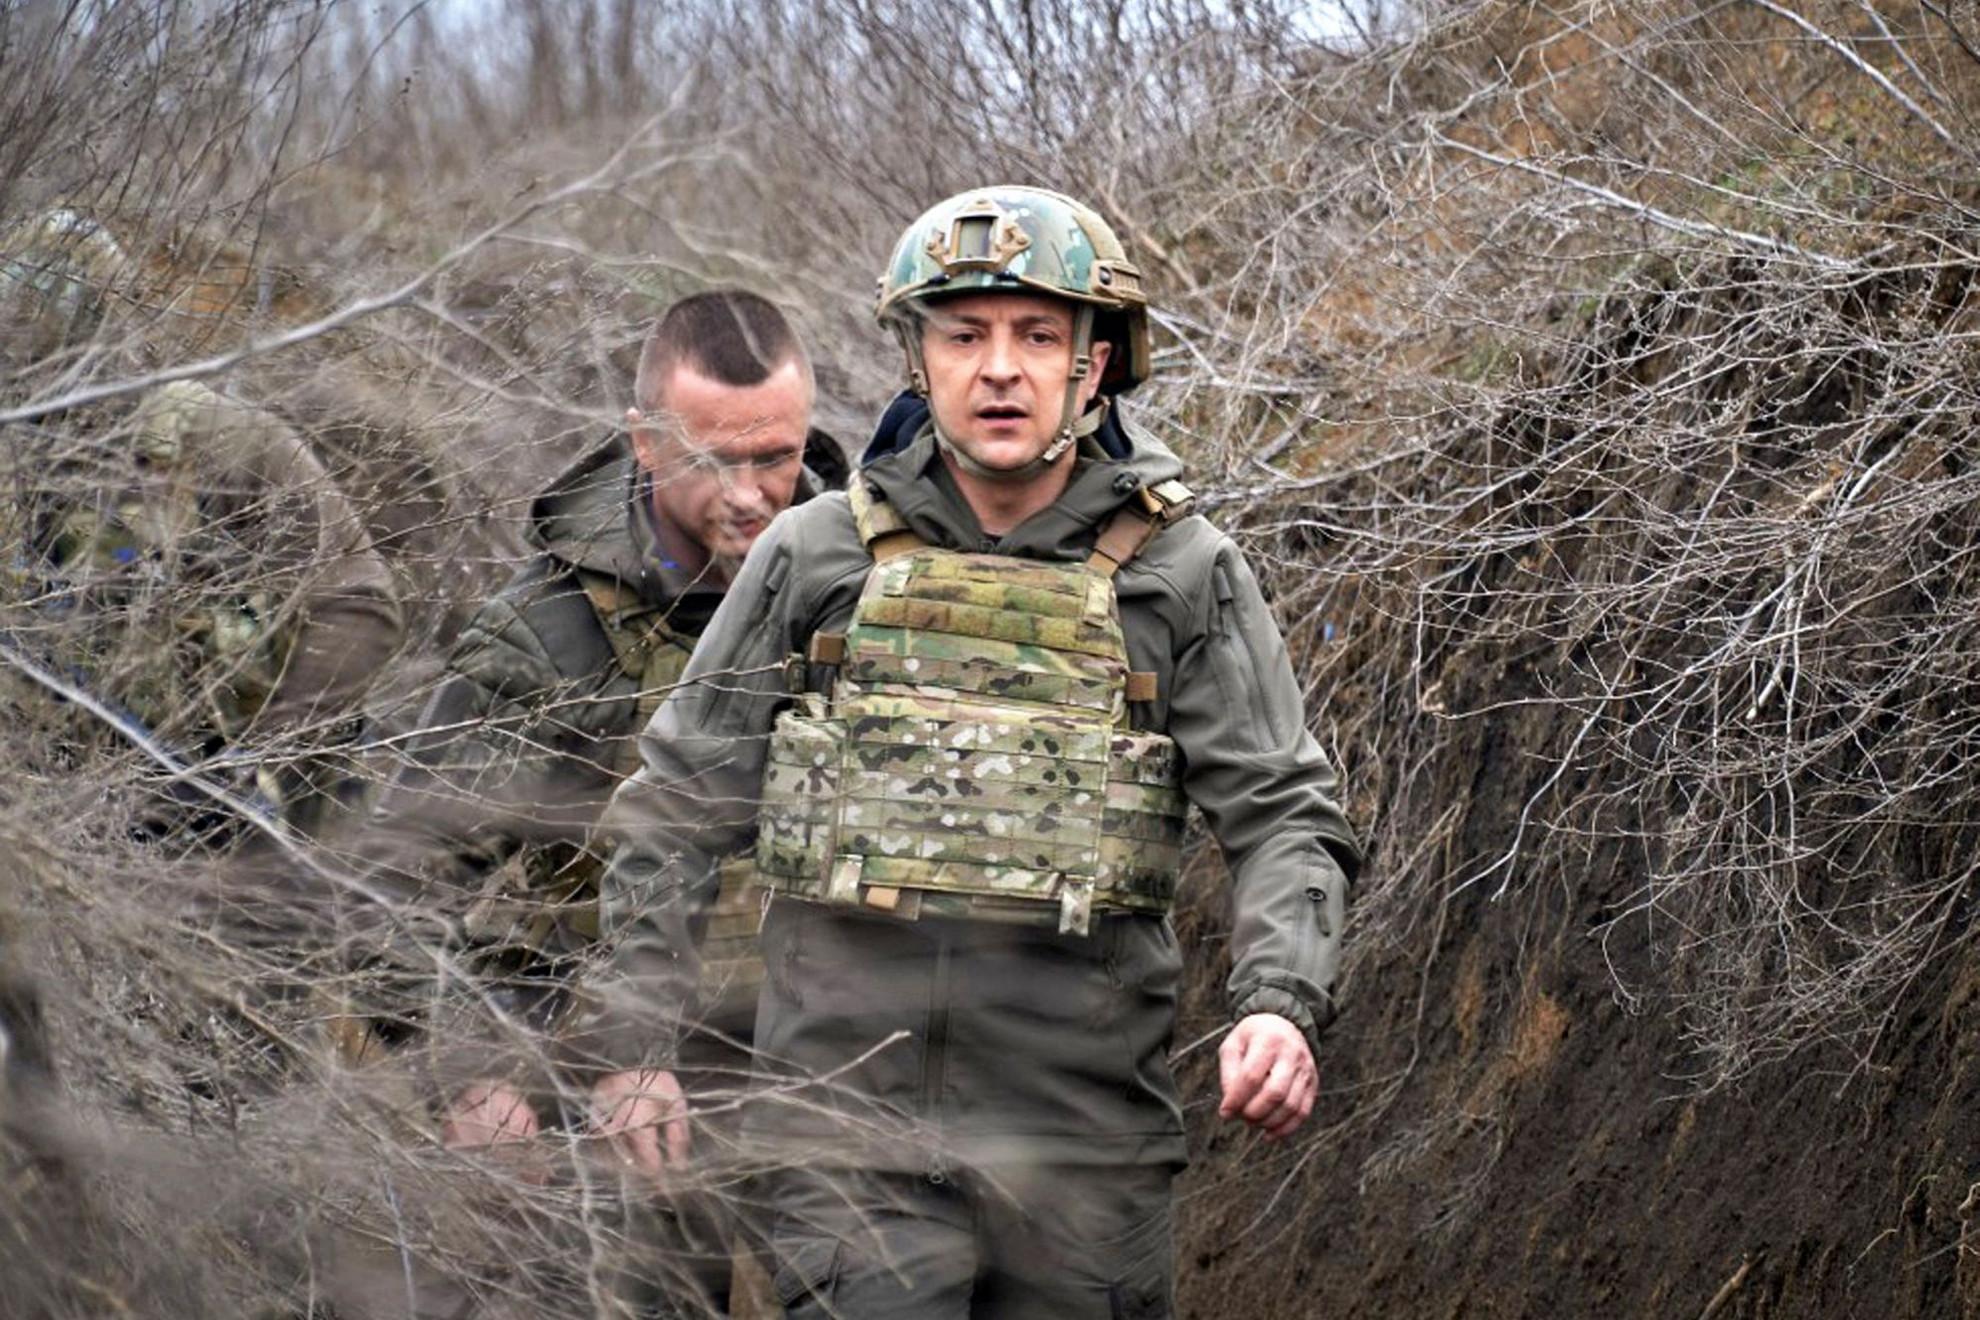 Sürgeti hazája NATO-tagságát Volodimir Zelenszkij ukrán elnök